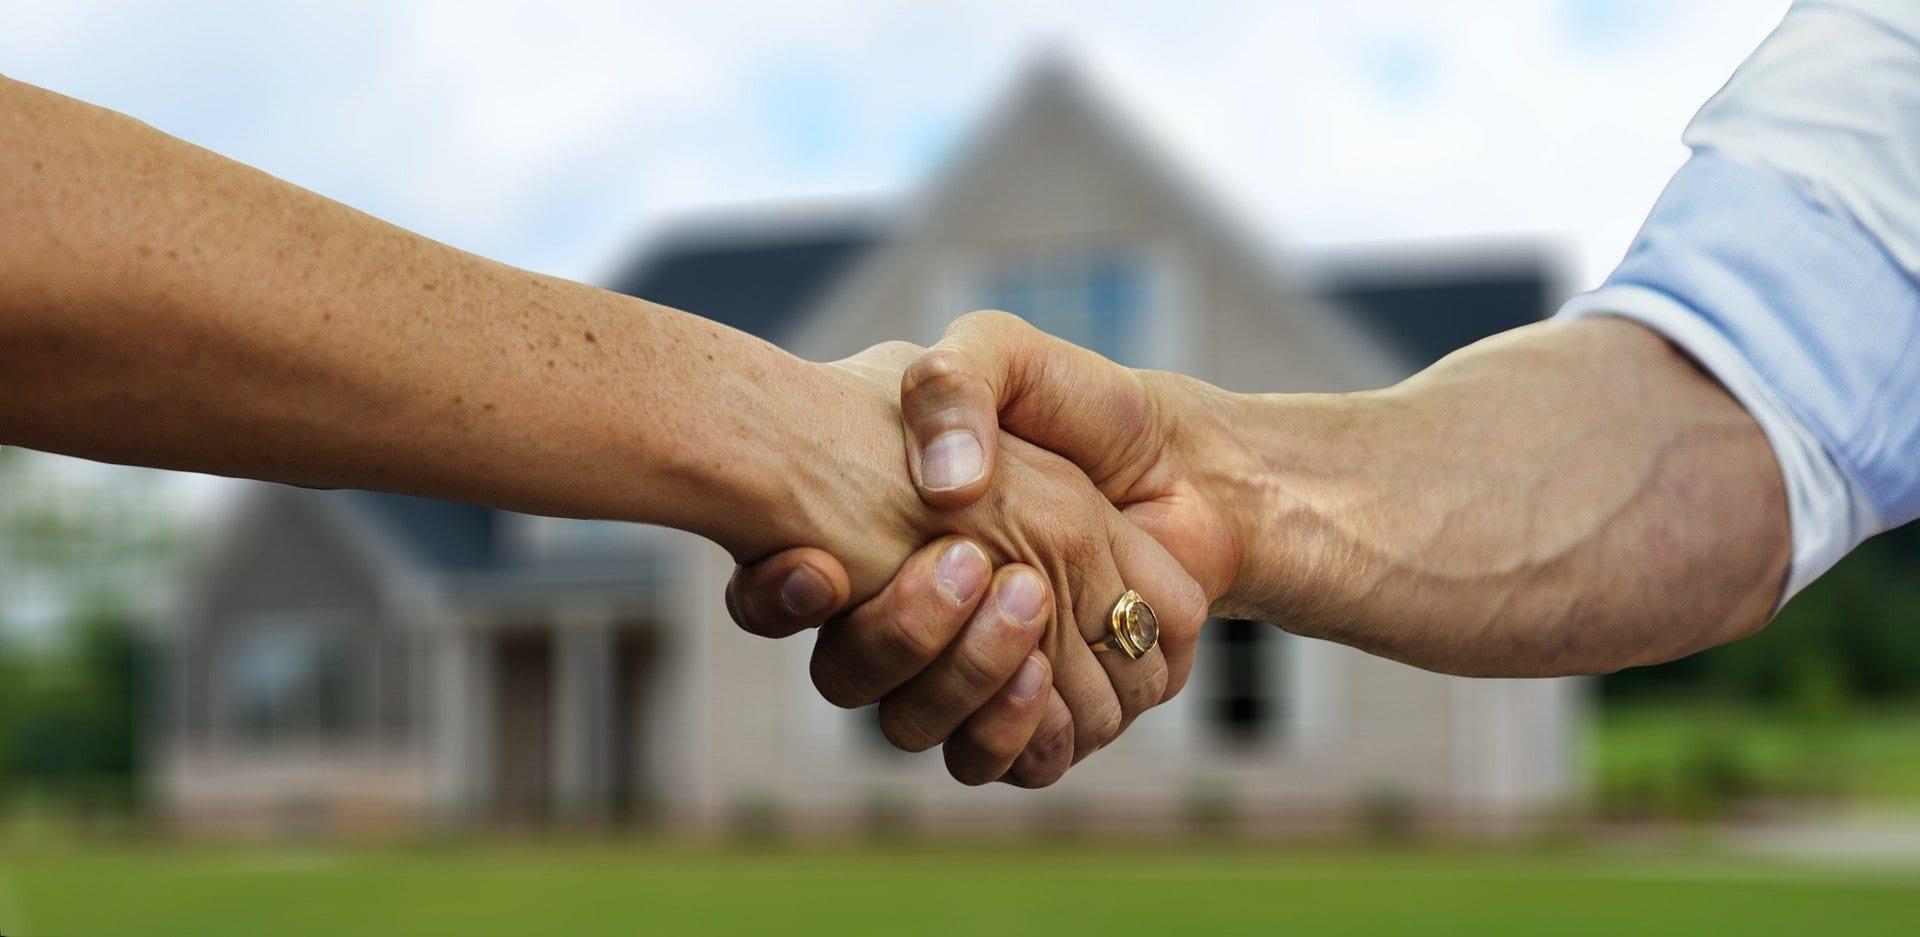 Financer un projet de construction,crowdfunding immobilier et la SCPI, covid-19 immobilier, investissement en crowdfunding immobilier, crowdfunding immobilier, crowdlending immobilier, intérêt du crowdfunding, financement participatif immobilier, Sociétés Civiles de Placement Immobilier, risques du crowdfunding immobilier, immobilier et crowdfunding, crowdfunding immo, Wesharebonds immo, rendement du financement participatif immobilier, réalisation d'un programme immobilier, crowdfunding et immobilier, les taux du crowdfunding immobilier, bon projet en crowdfunding, investir dans l'immobilier, investissement en immobilier, crowdfunding immobilier, immobilier et crowdlending, plateforme de crowdfunding immobilier, taux immobilier 2020, taux immobilier coronavirus, credit immobilier, pret immobilier